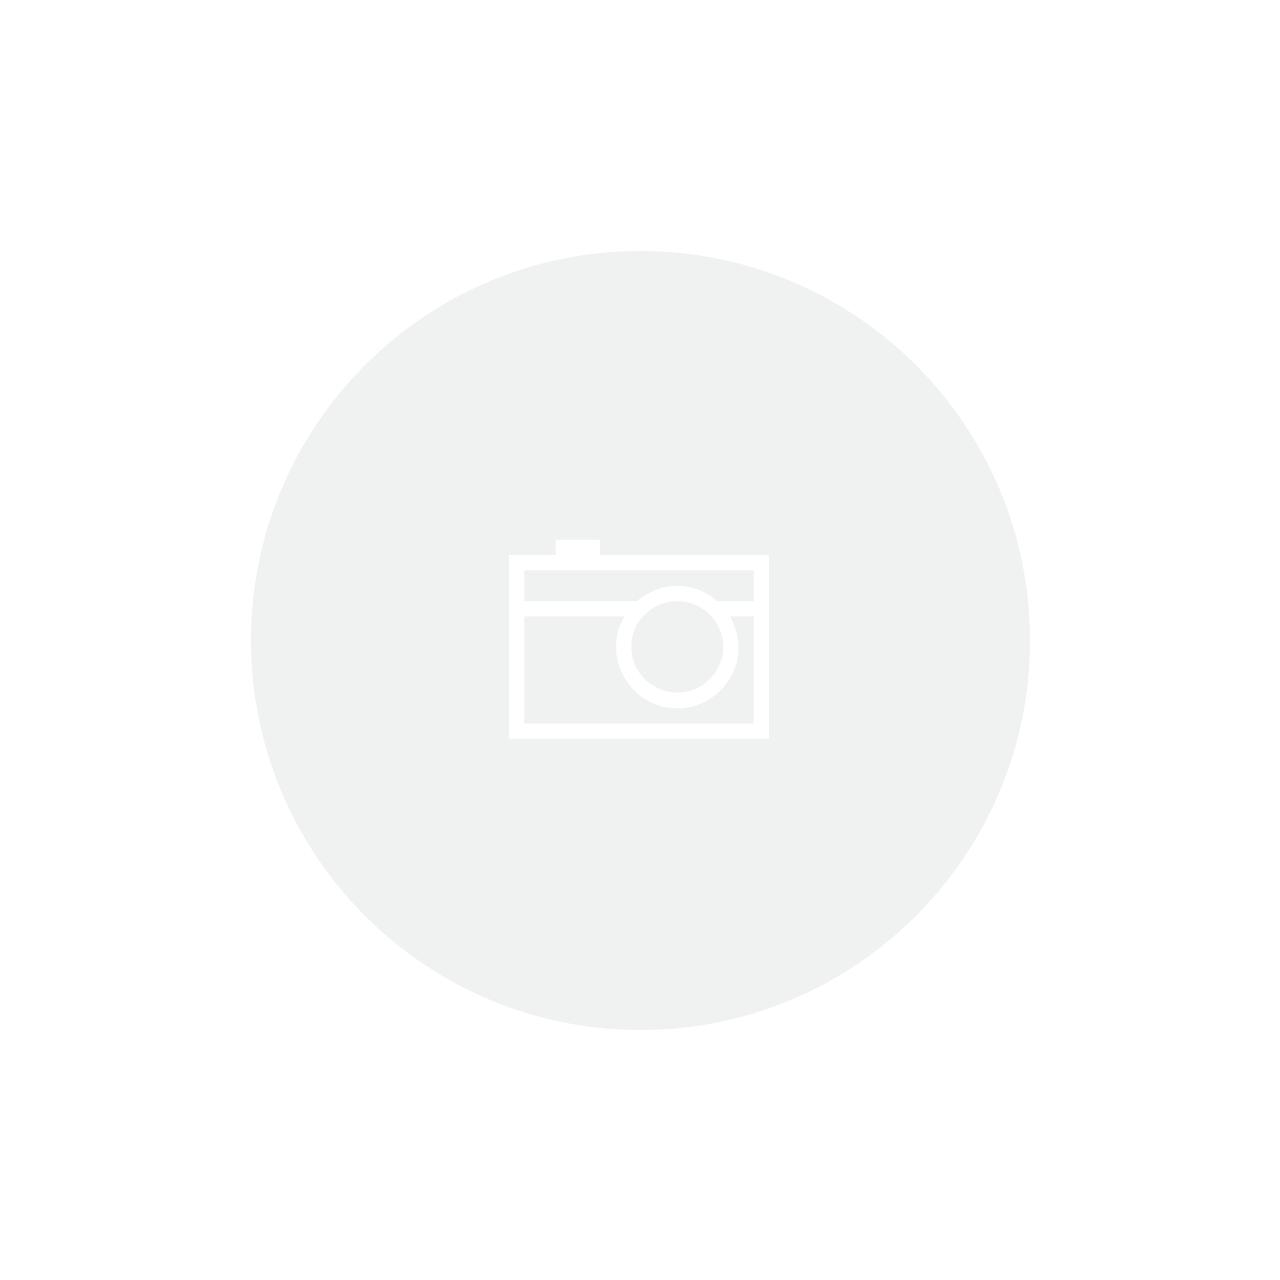 Cozi-pasta Inox 24cm 8,00 Litros Solar Baquelite Tramontina